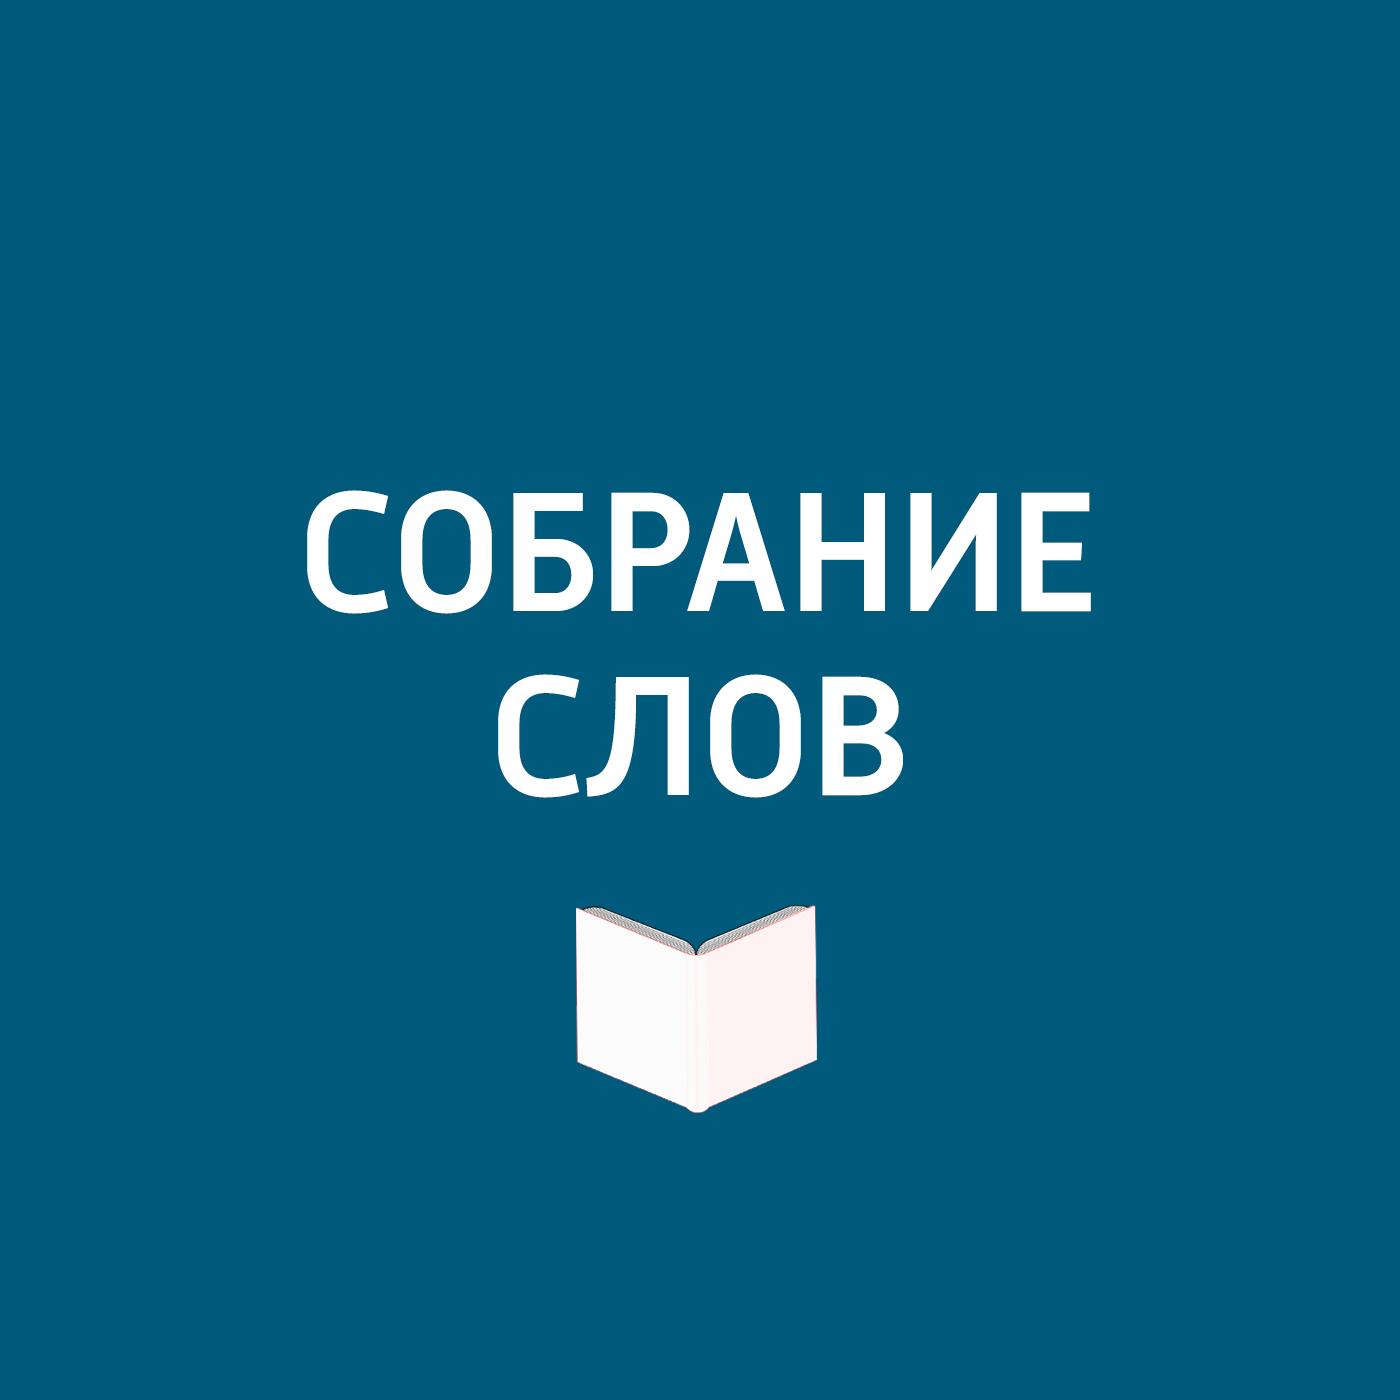 цена на Творческий коллектив программы «Собрание слов» Большое интервью Марины Лошак